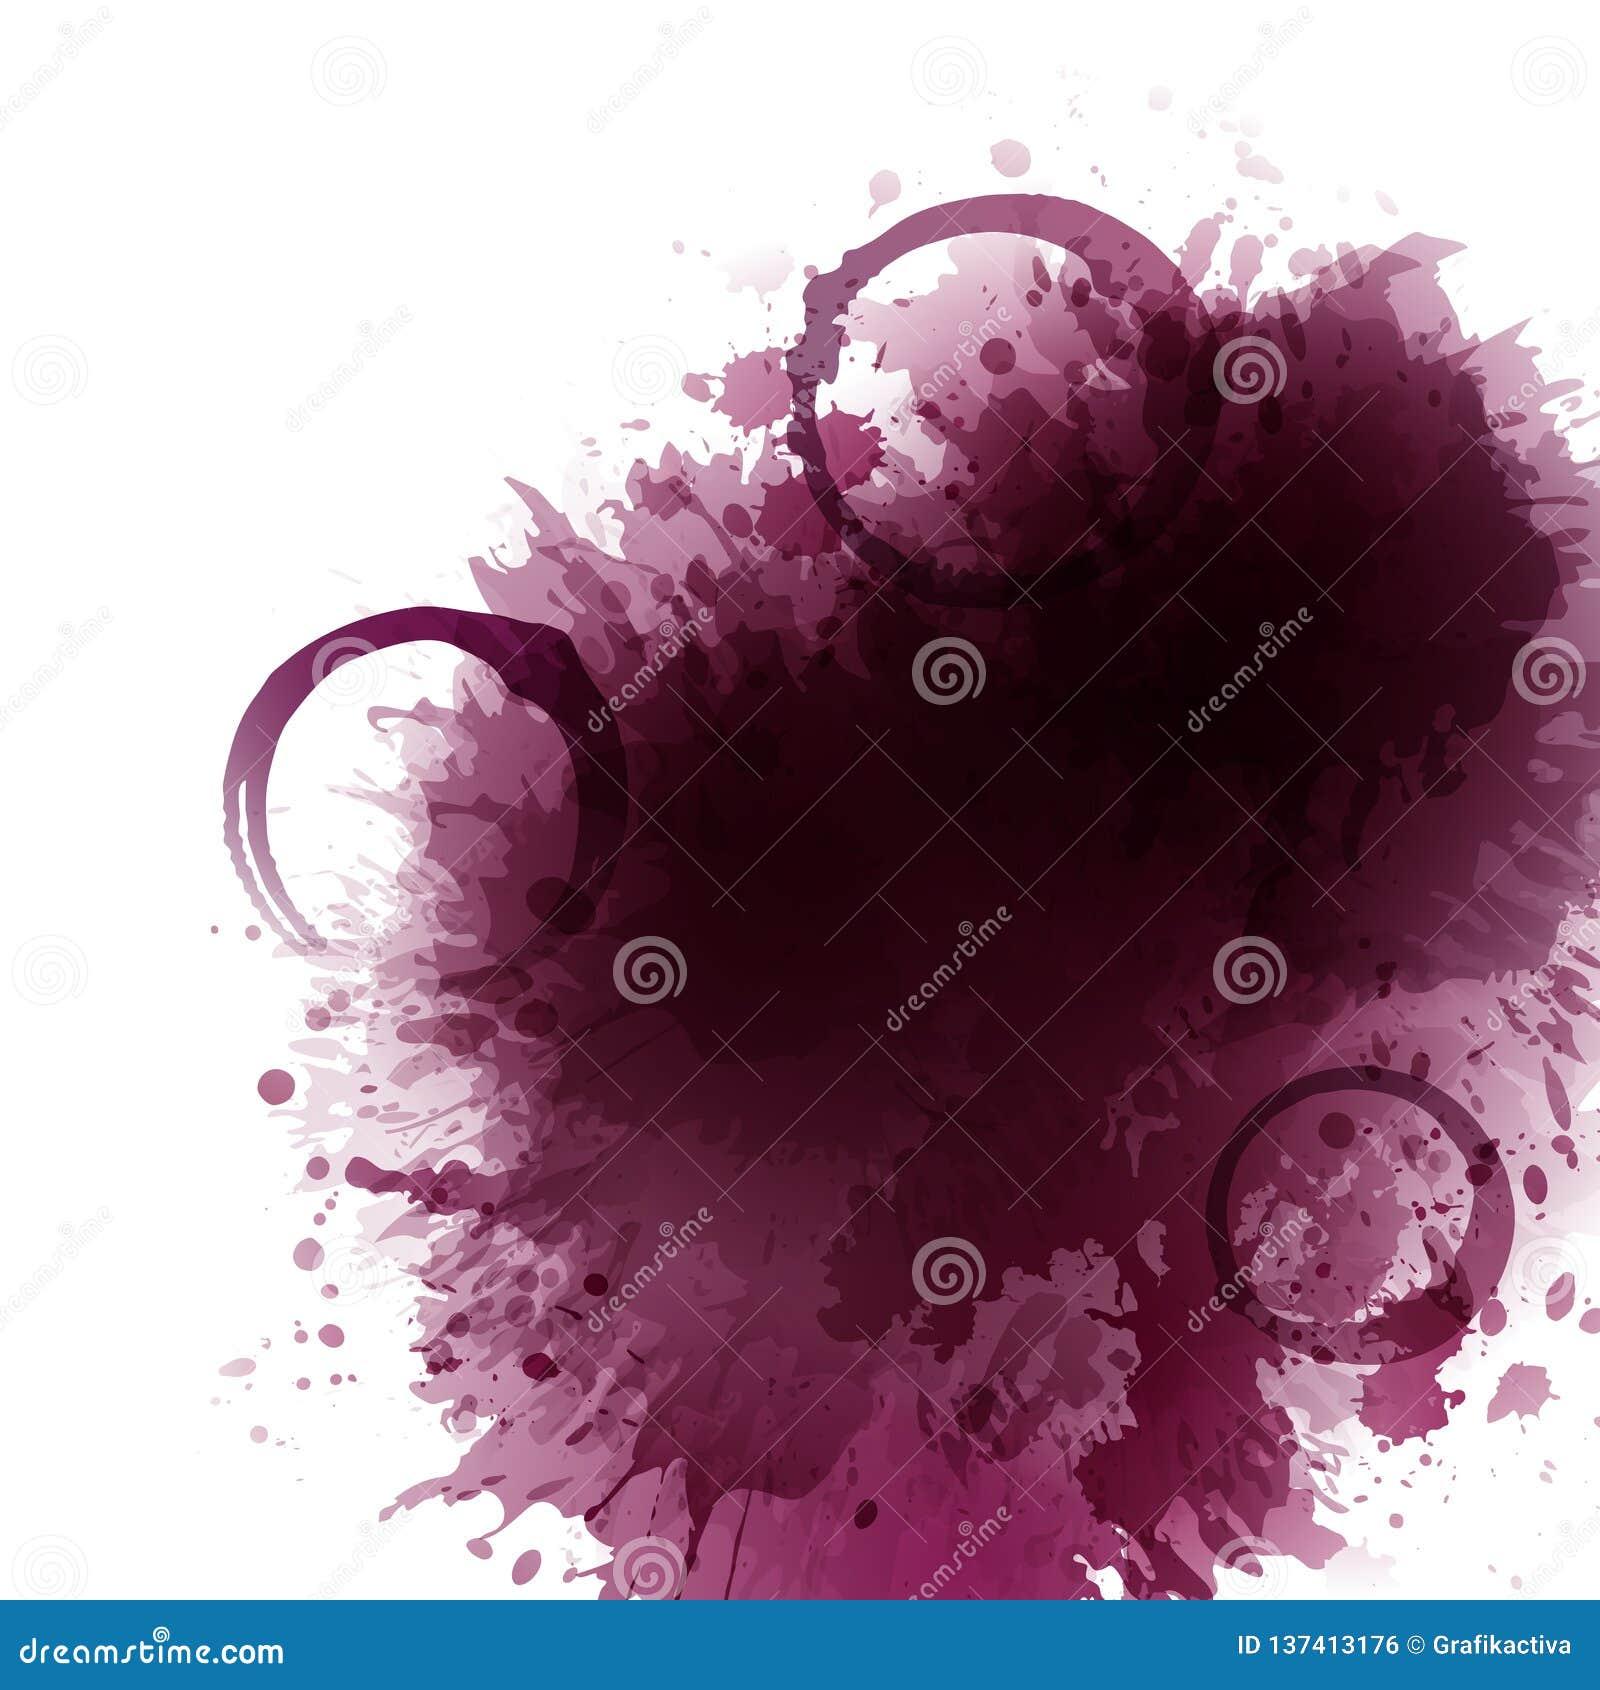 Achtergrond met wijnvlekken, vlekken, dalingen rode wijn De vlekken van wijnglazen Achtergrond voor banners en promotieaffiches